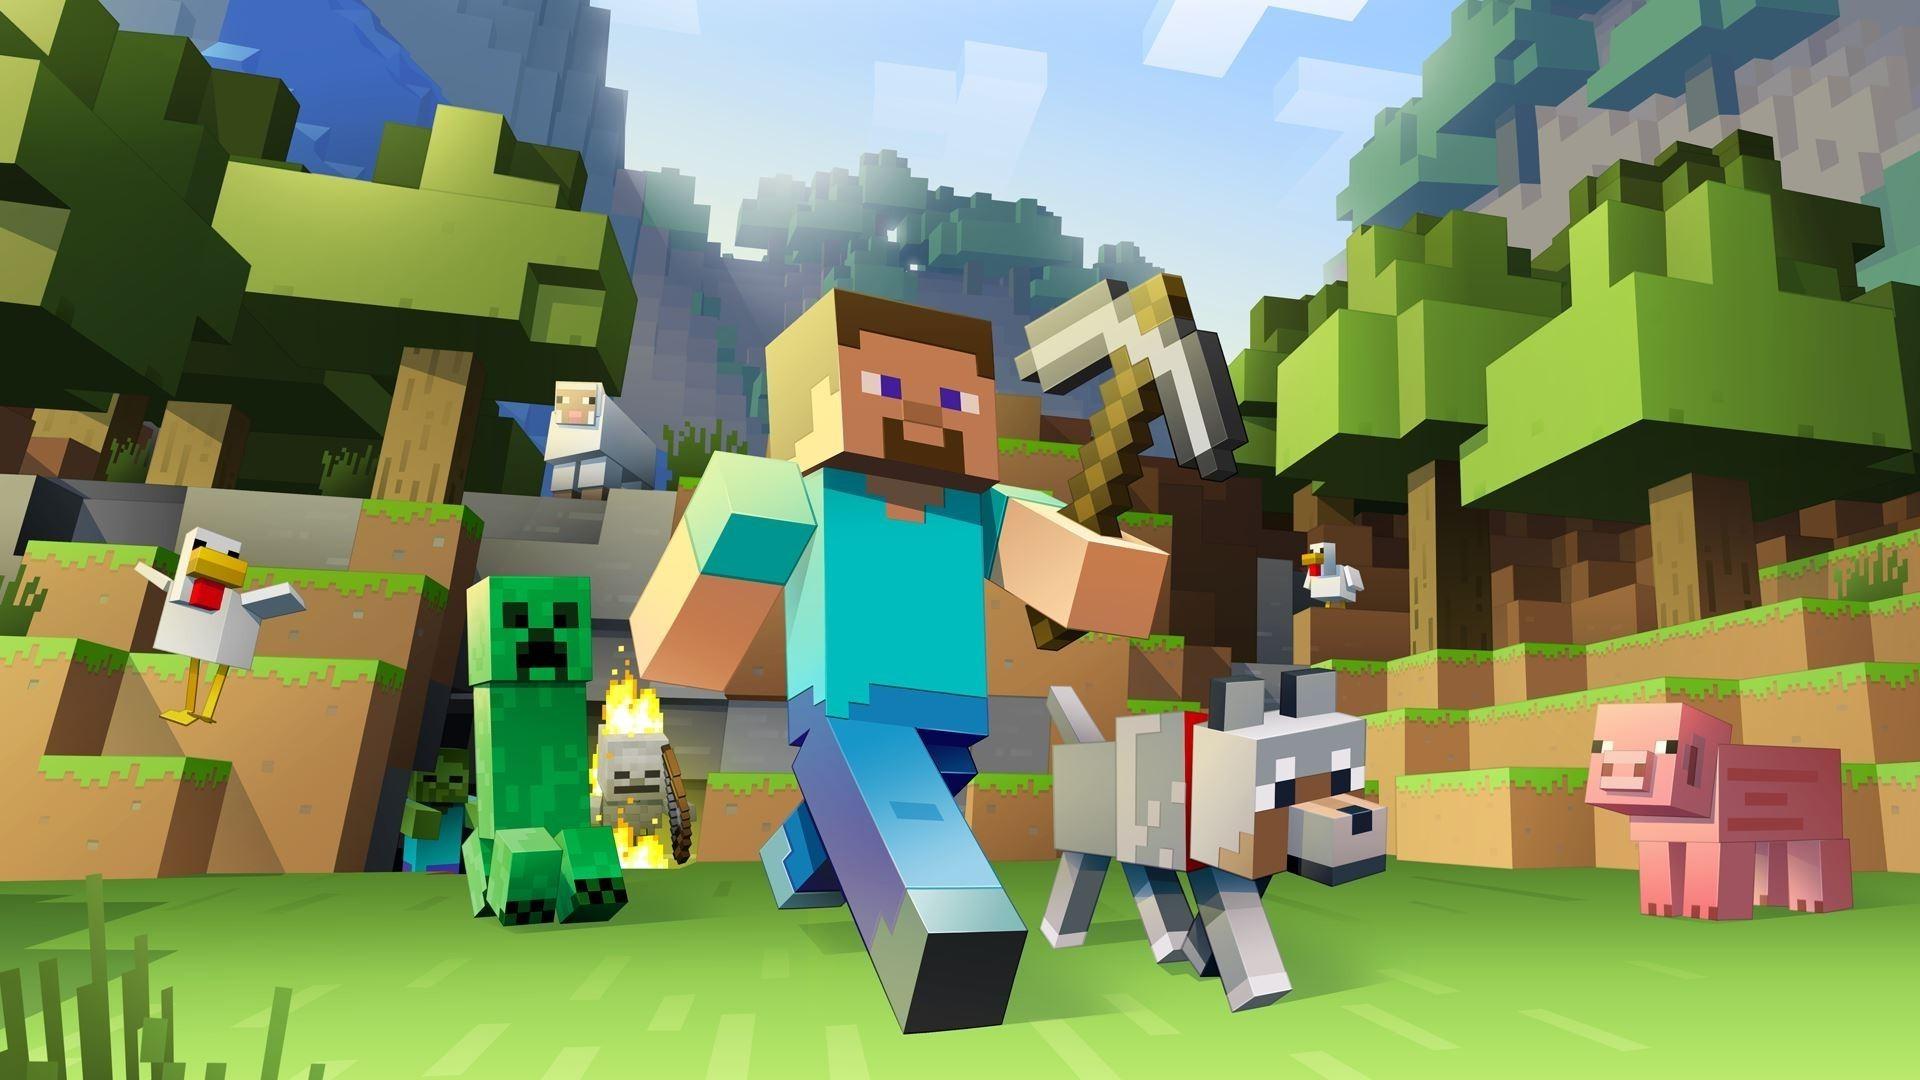 Майнкрафт обои на рабочий стол - скачать обои Minecraft